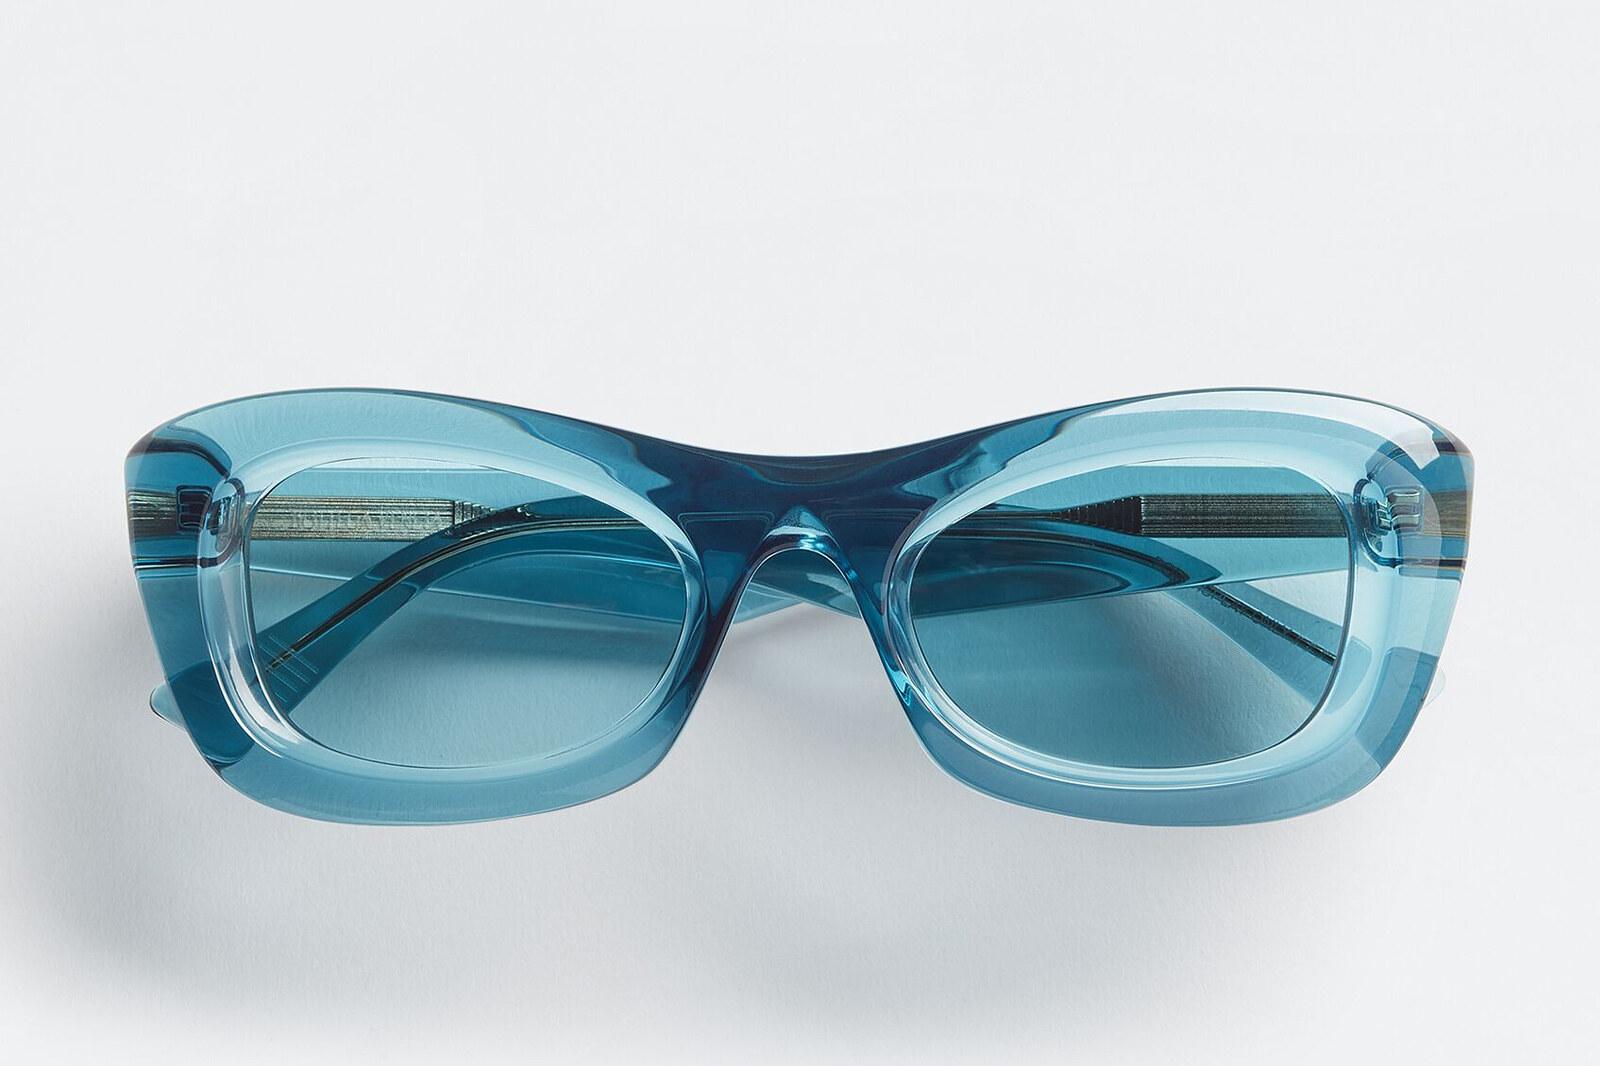 Bottega Veneta occhiali da sole